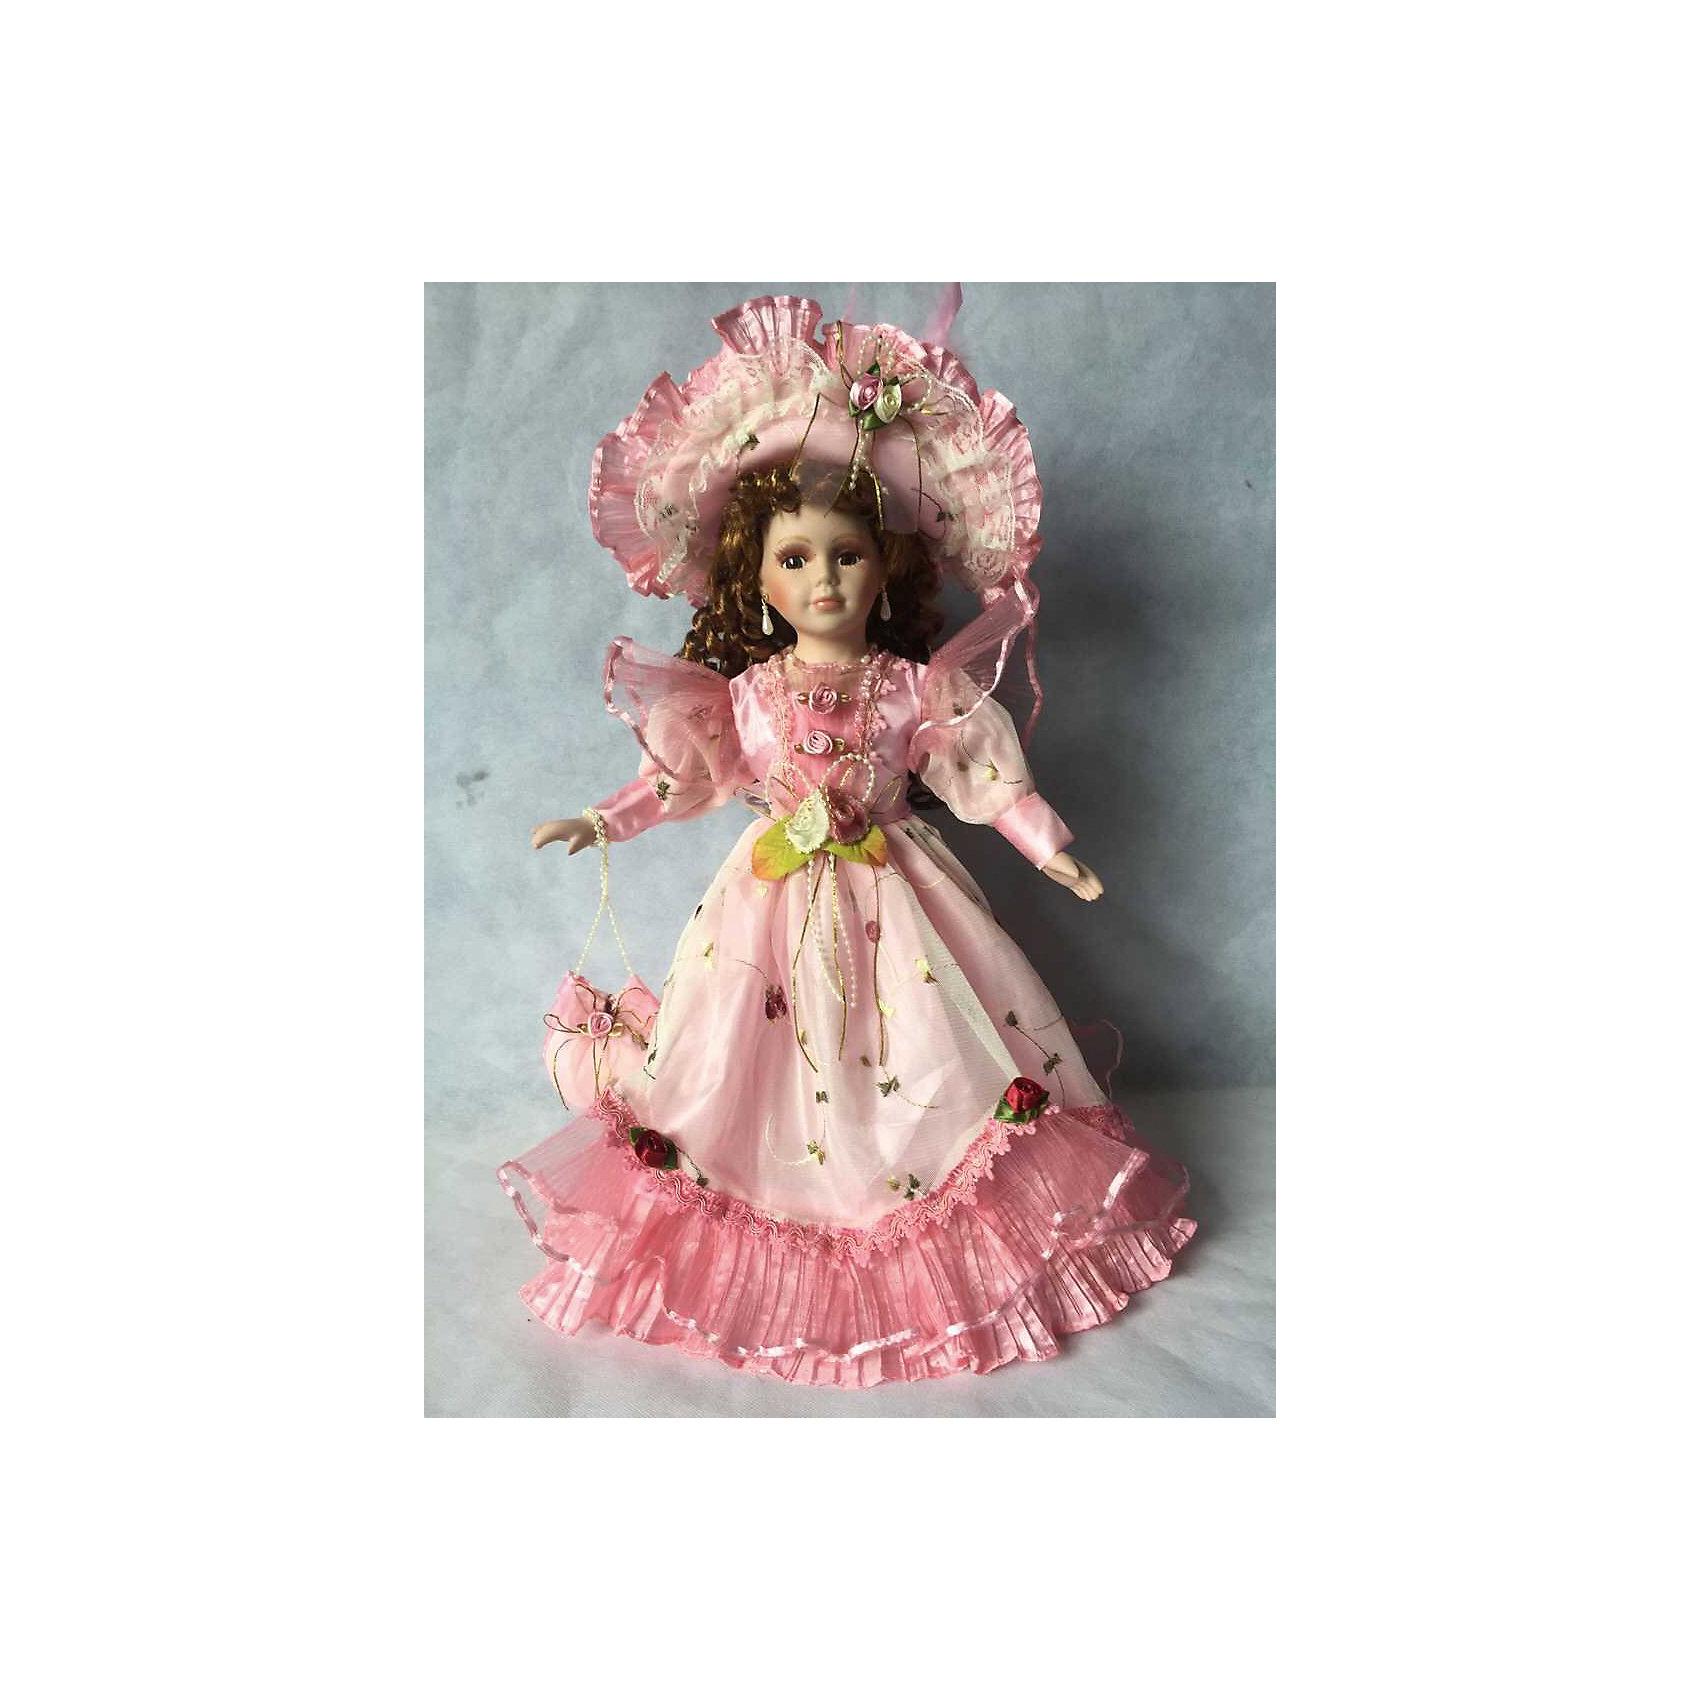 Фарфоровая кукла Миранда, Angel CollectionБренды кукол<br>Фарфоровая кукла Миранда, Angel Collection.<br><br>Характеристики:<br><br>• Высота куклы: 40,5 см.<br>• Материал: фарфор, текстиль<br>• Упаковка: картонная коробка блистерного типа<br><br>Фарфоровая кукла «Миранда», Angel Collection само воплощение прелести и очарования, выраженное во внешнем облике куклы. Длинные волосы Миранды туго завиты в локоны и красиво обрамляют ее милое личико с большими глазами и пухлыми губками. Одета кукла в шикарное платье в пол, а на голове у нее красуется широкополая шляпка. В руках кукла держит сумочку. Кукла установлена на специальную подставку. <br><br>Фарфоровая красавица Миранда - это не просто игрушка, а также украшение для интерьера или ценный экспонат коллекции. Каждая кукла в серии Angel Collection, обладает неповторимым образом - принцессы, феи, маленькие девочки, роскошные невесты и т.д. Изысканные наряды и очаровательная матовость фарфора превращают этих кукол в настоящее произведение искусства. Куклы Angel Collection сделаны из уникальной голубой глины, добываемой только в провинции Tai-Nan Shin, Тайвань.<br><br>Фарфоровую куклу Миранда, Angel Collection можно купить в нашем интернет-магазине.<br><br>Ширина мм: 160<br>Глубина мм: 420<br>Высота мм: 95<br>Вес г: 583<br>Возраст от месяцев: 36<br>Возраст до месяцев: 2147483647<br>Пол: Женский<br>Возраст: Детский<br>SKU: 5400283